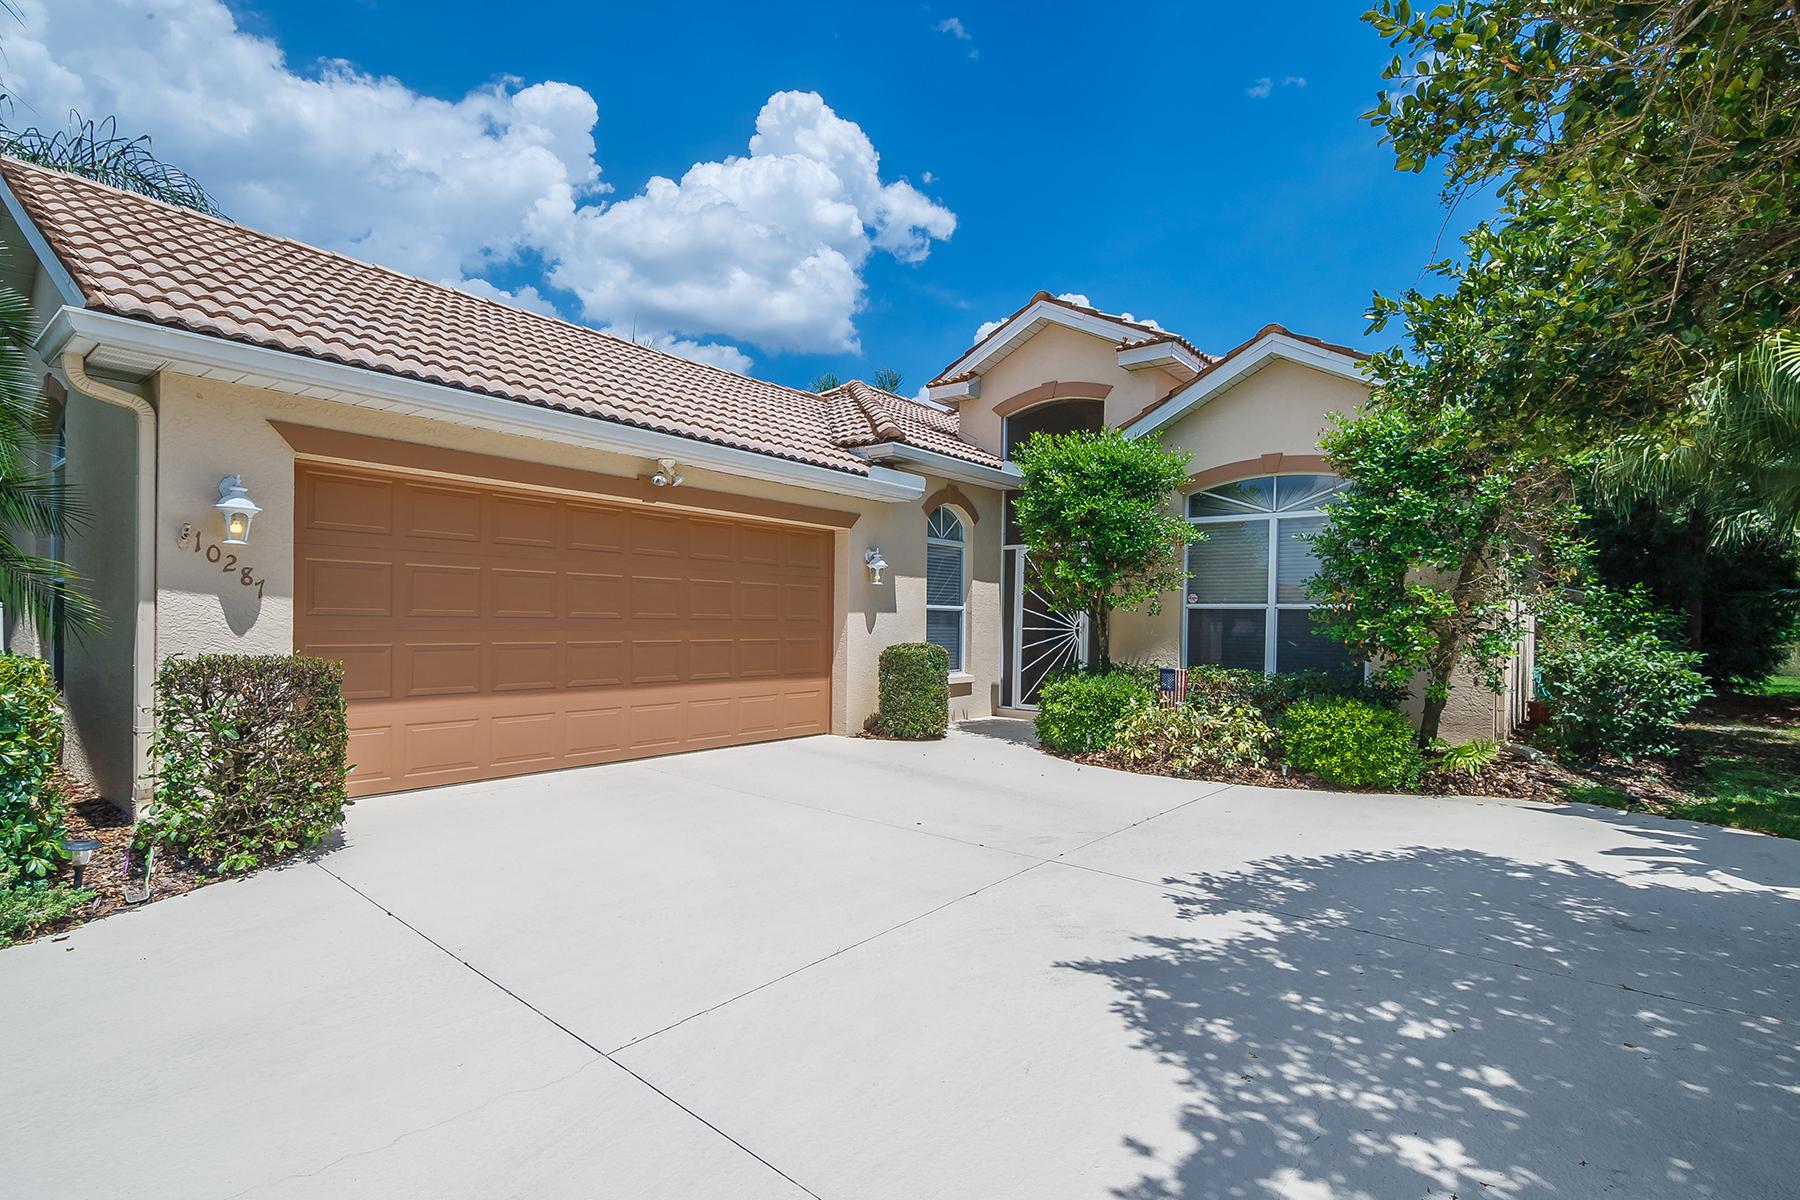 Maison unifamiliale pour l Vente à RIVER CLUB SOUTH 10287 Silverado Cir Lakewood Ranch, Florida, 34202 États-Unis